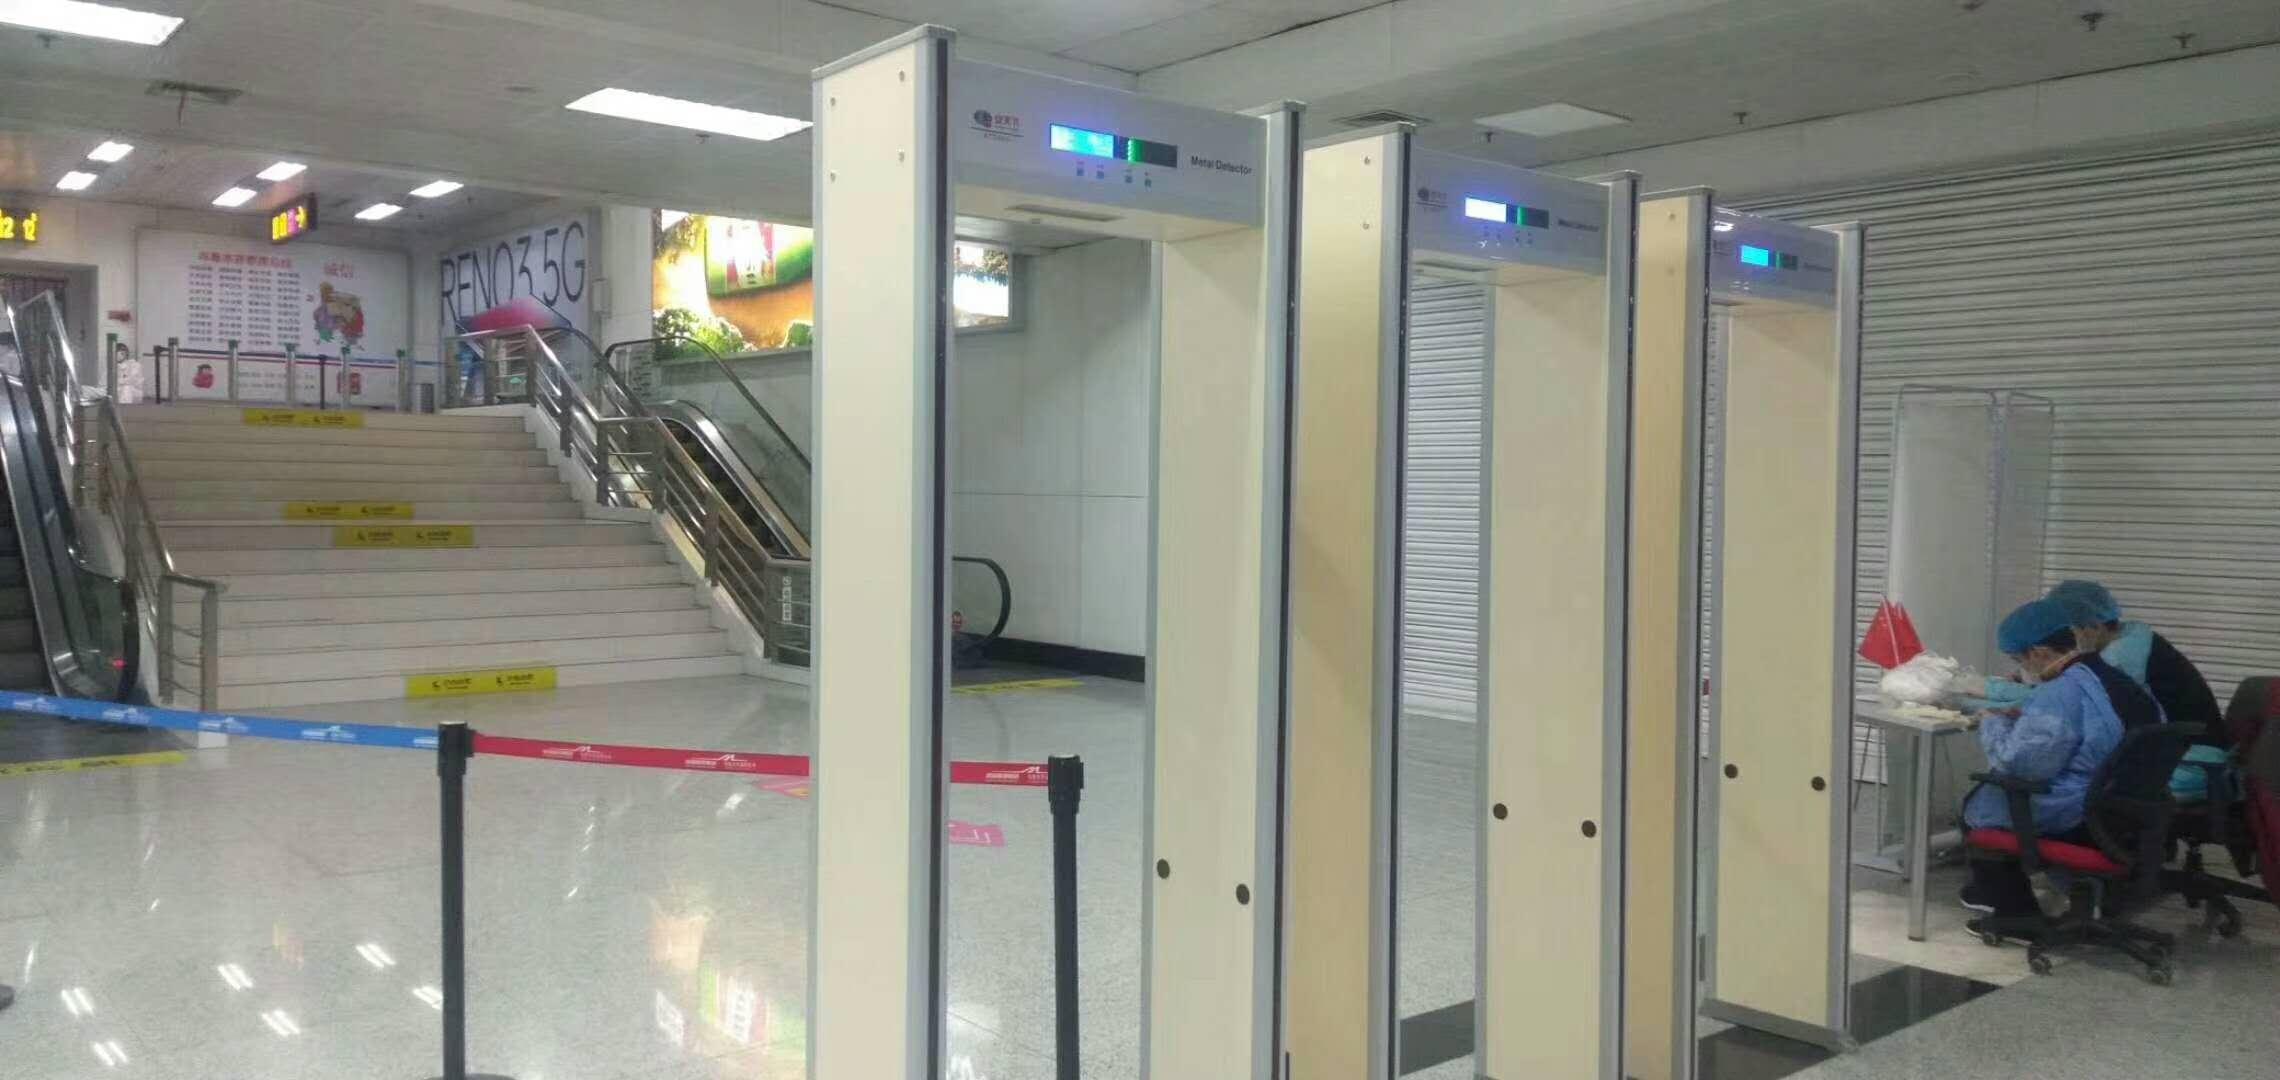 测温门-新疆乌鲁木齐地窝机场T2航站楼、T3航站楼